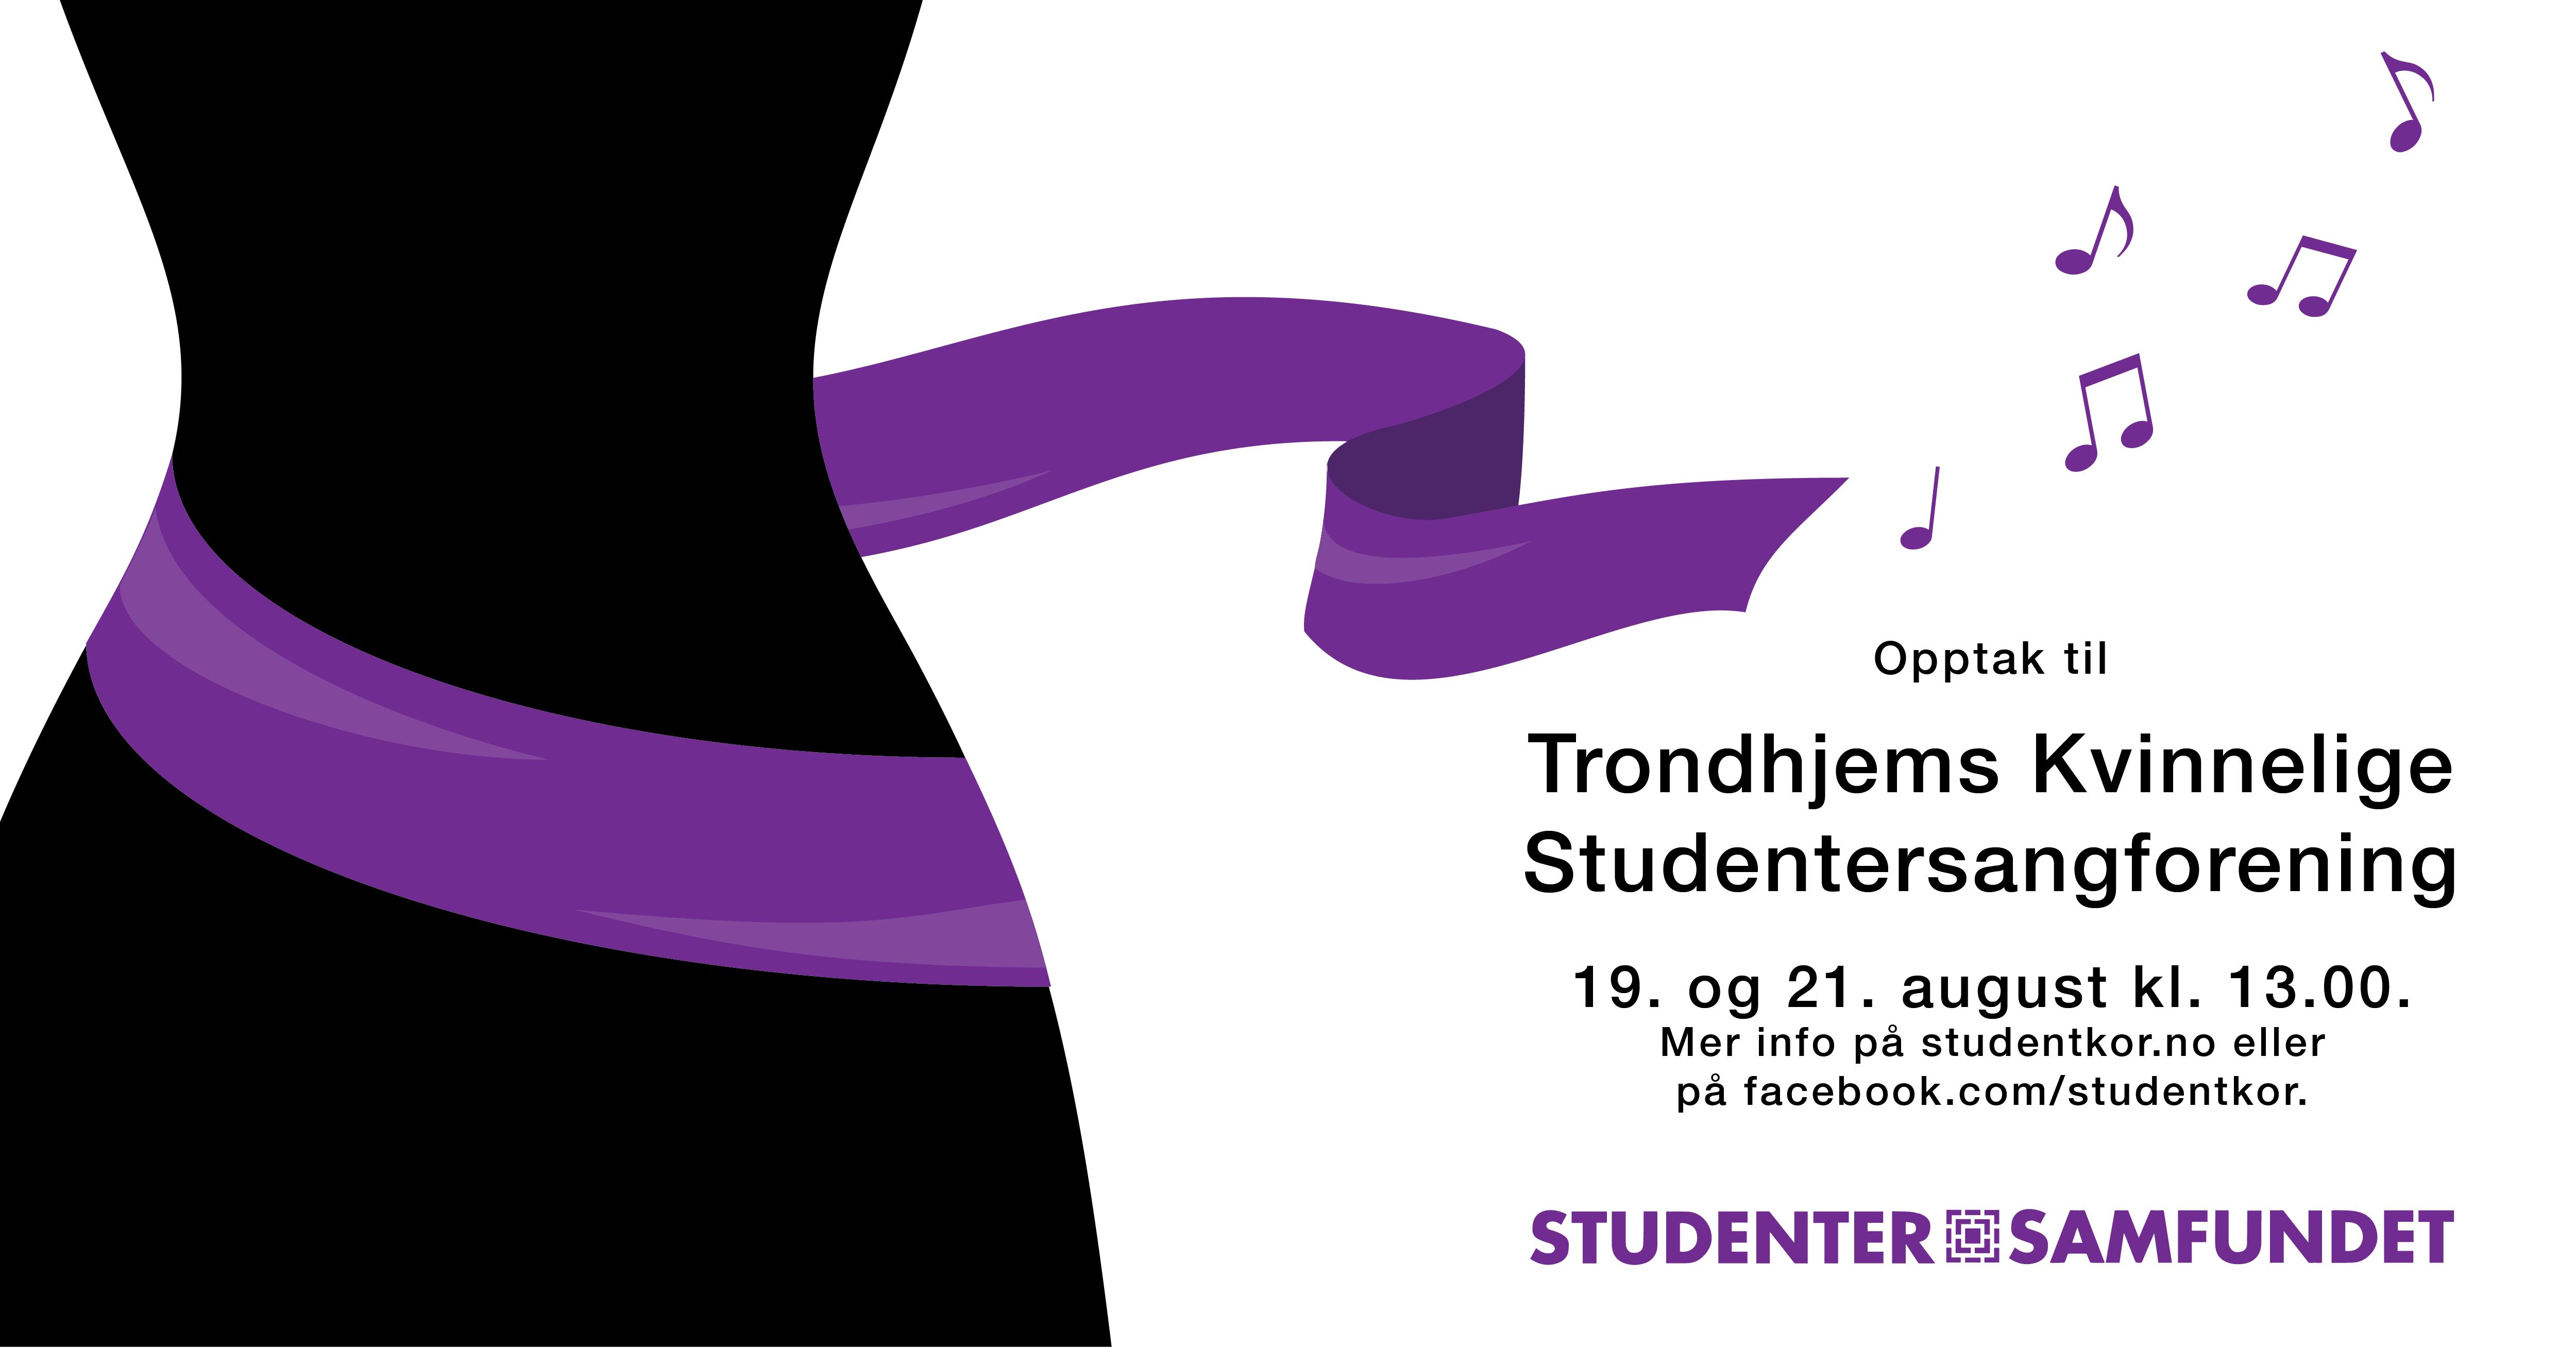 Trondhjems Kvinnelige Studentersangforening har opptak!